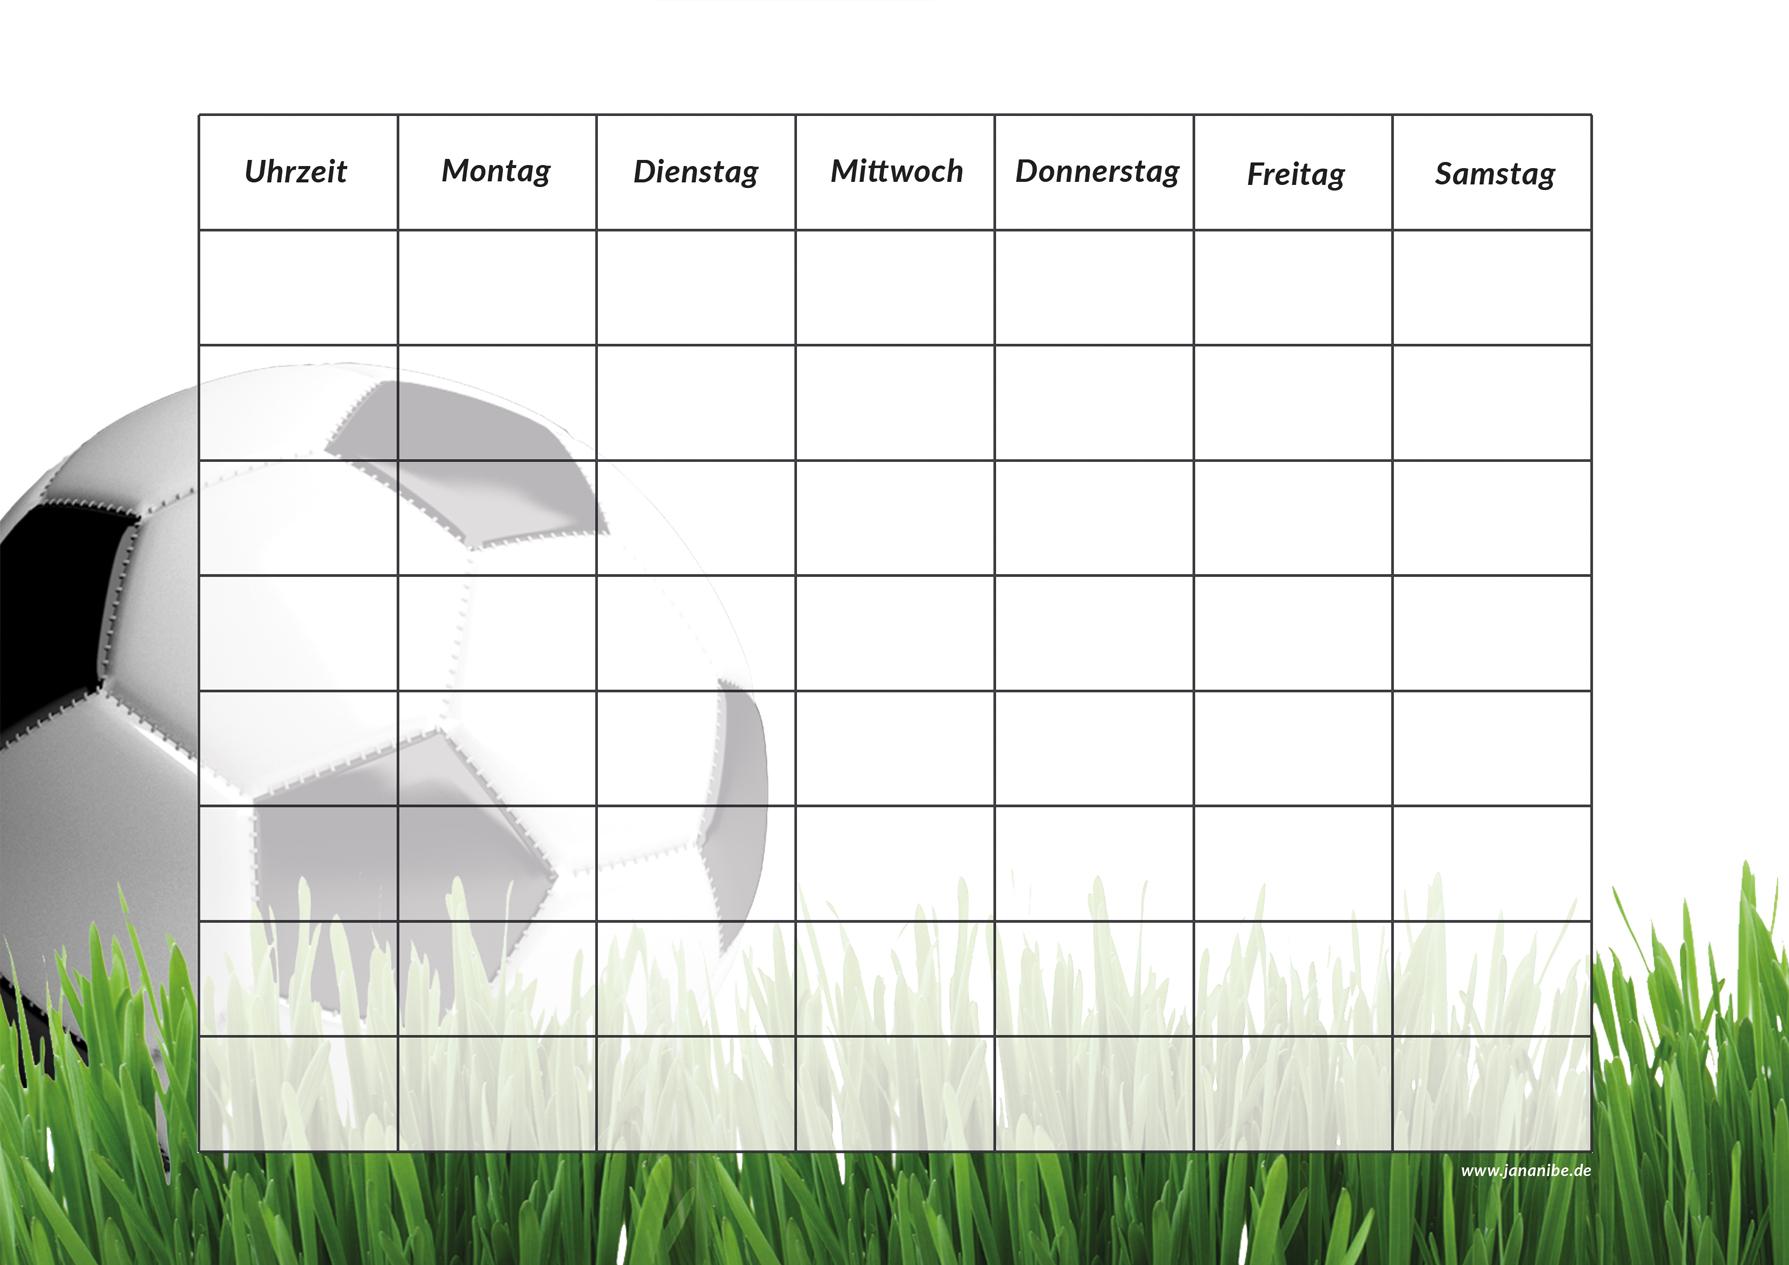 Fußball Stundenplan kostenloser Download zum Ausdrucken